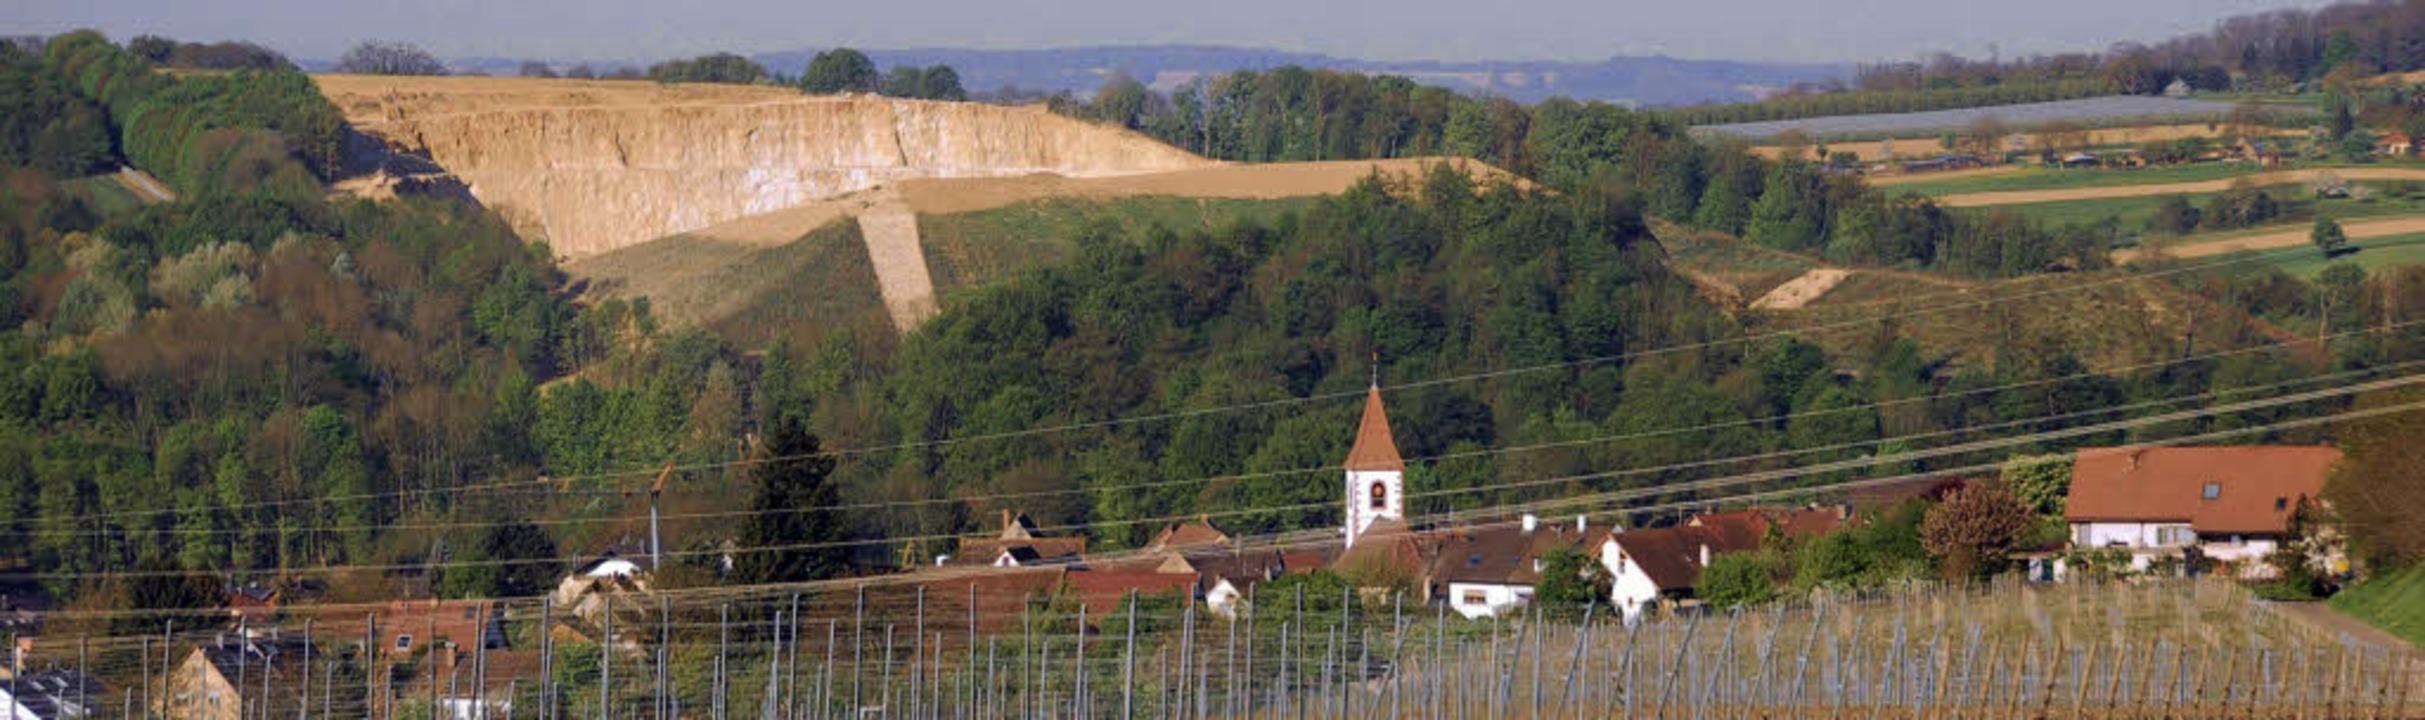 Wo soll weiterer Kalkabbau stattfinden...emeinde Efringen-Kirchen die Geister.     Foto: Victoria Langelott